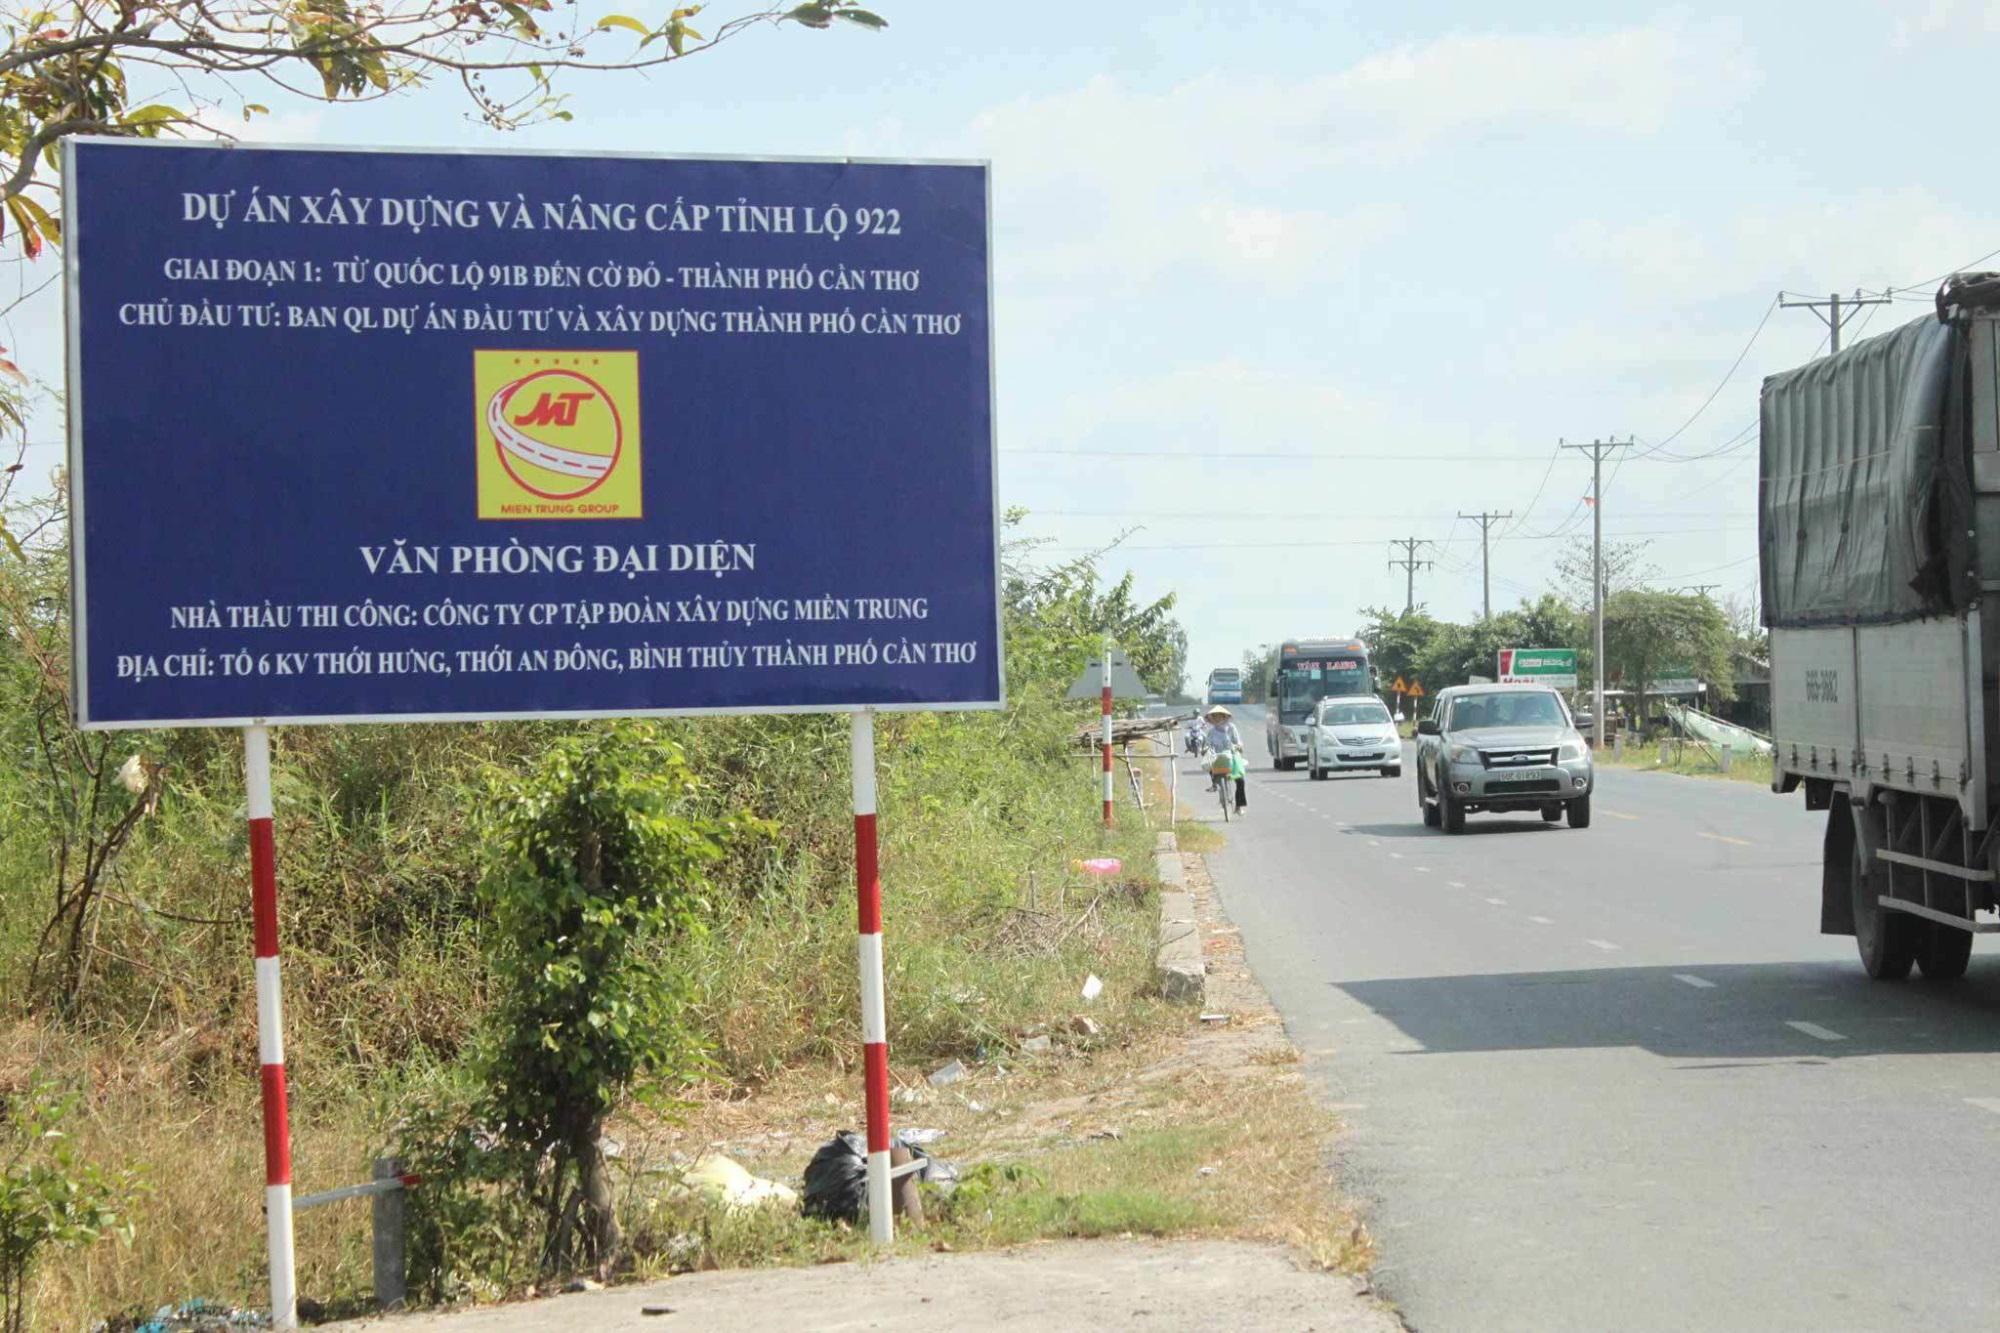 Tập đoàn xây dựng Thanh Hóa bị dọa thu hồi gần 288 tỷ tạm ứng tại Cần Thơ - Ảnh 3